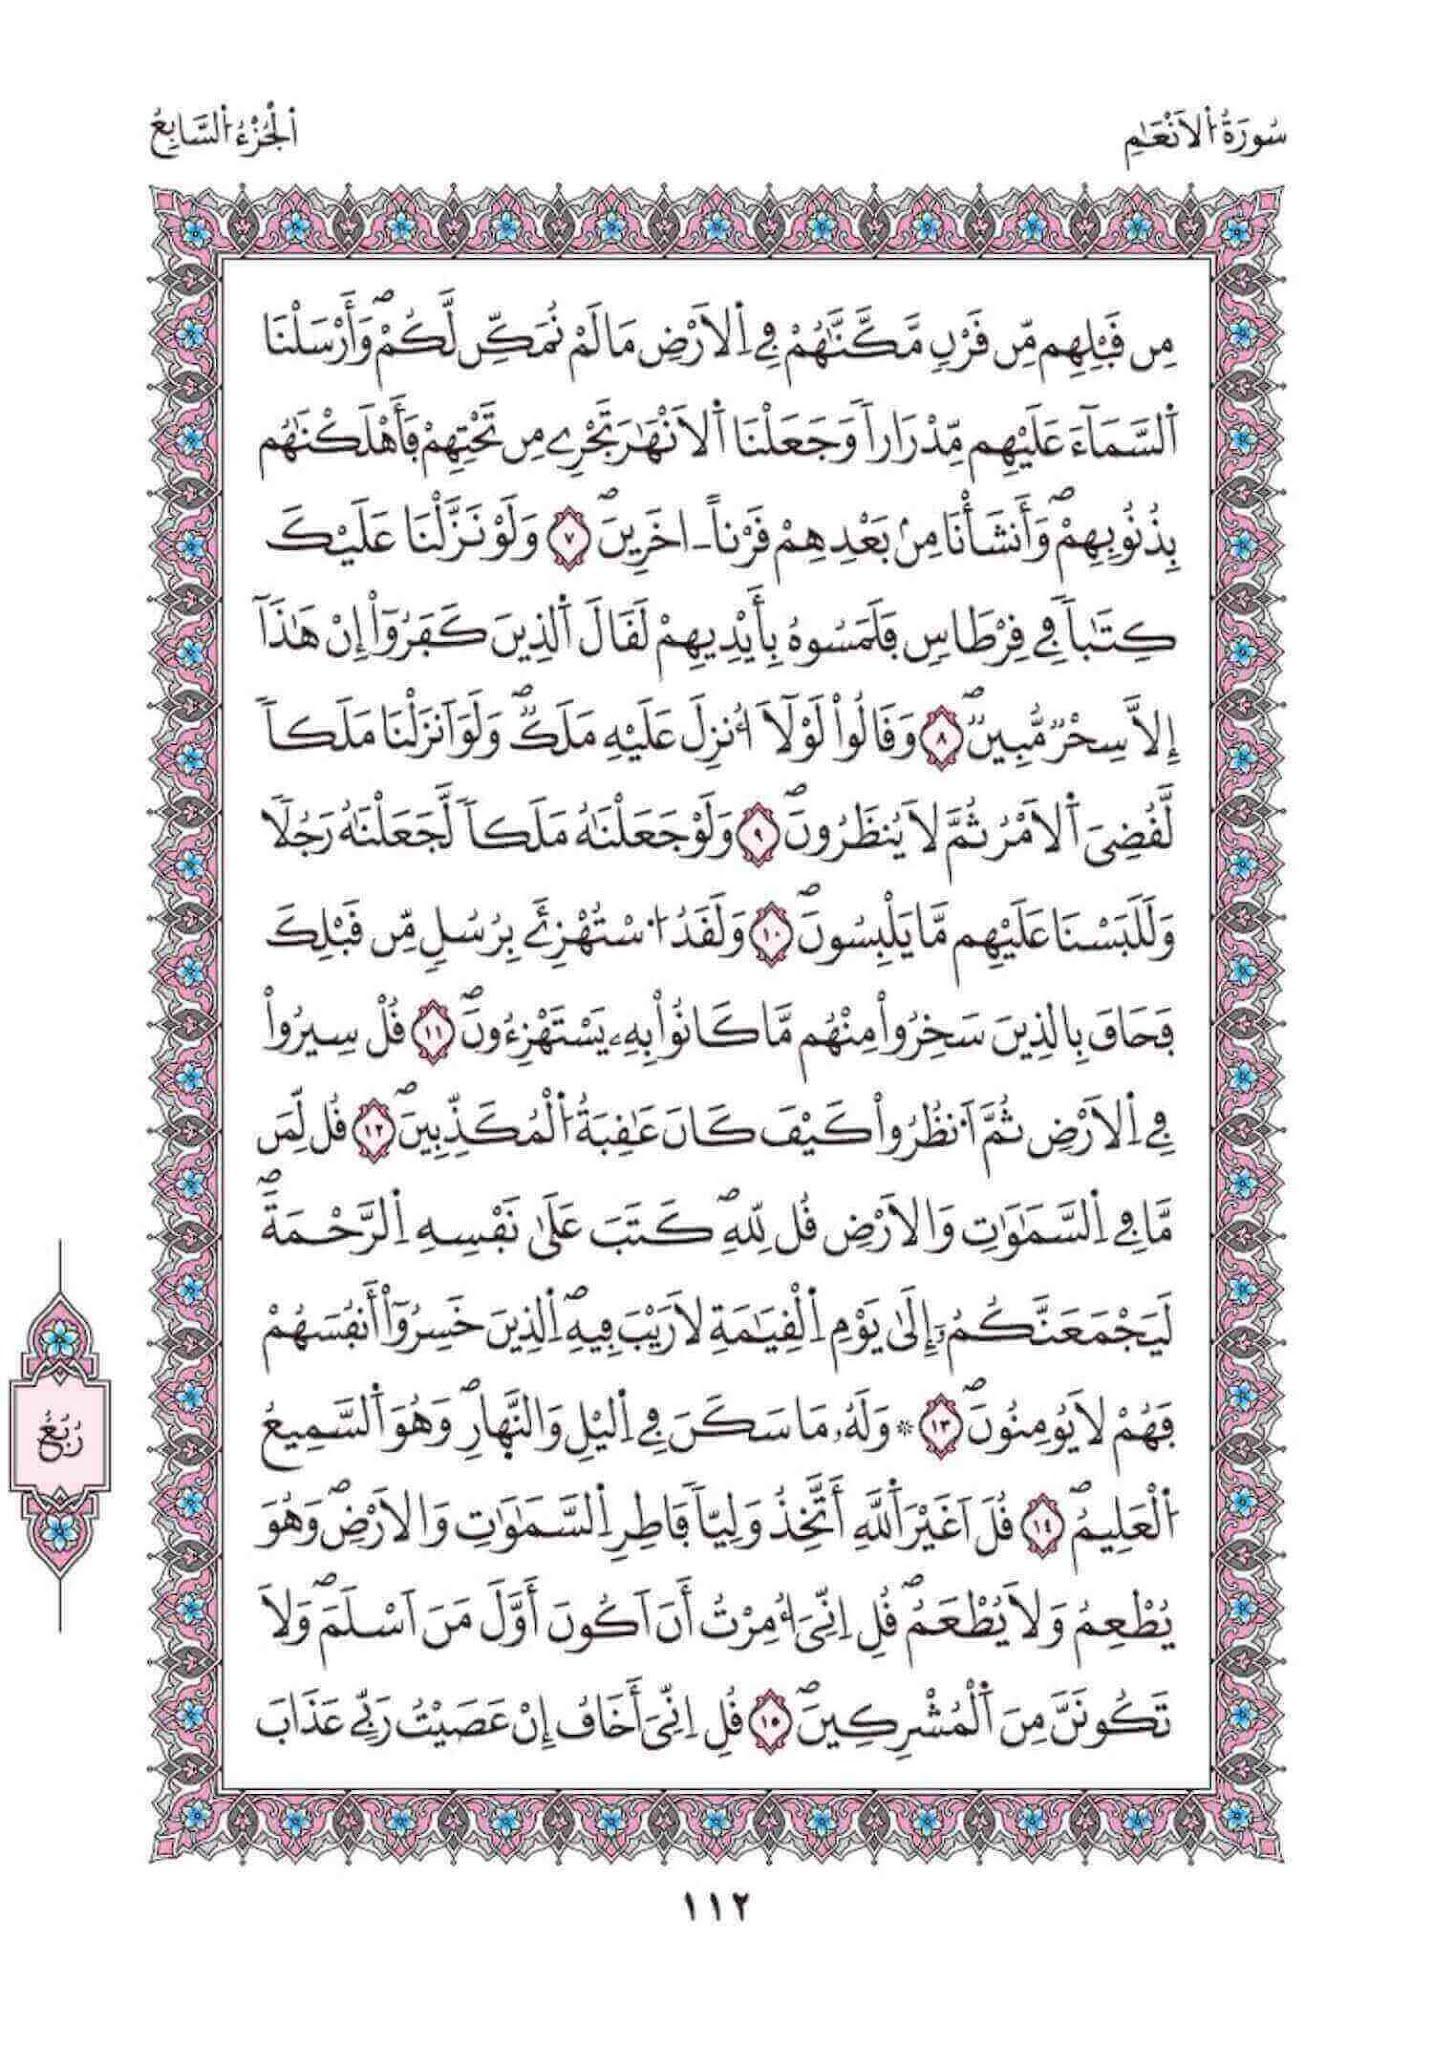 تحميل سورة الأنعام برواية ورش عن نافع مكتوبة الرسم العثماني pdf